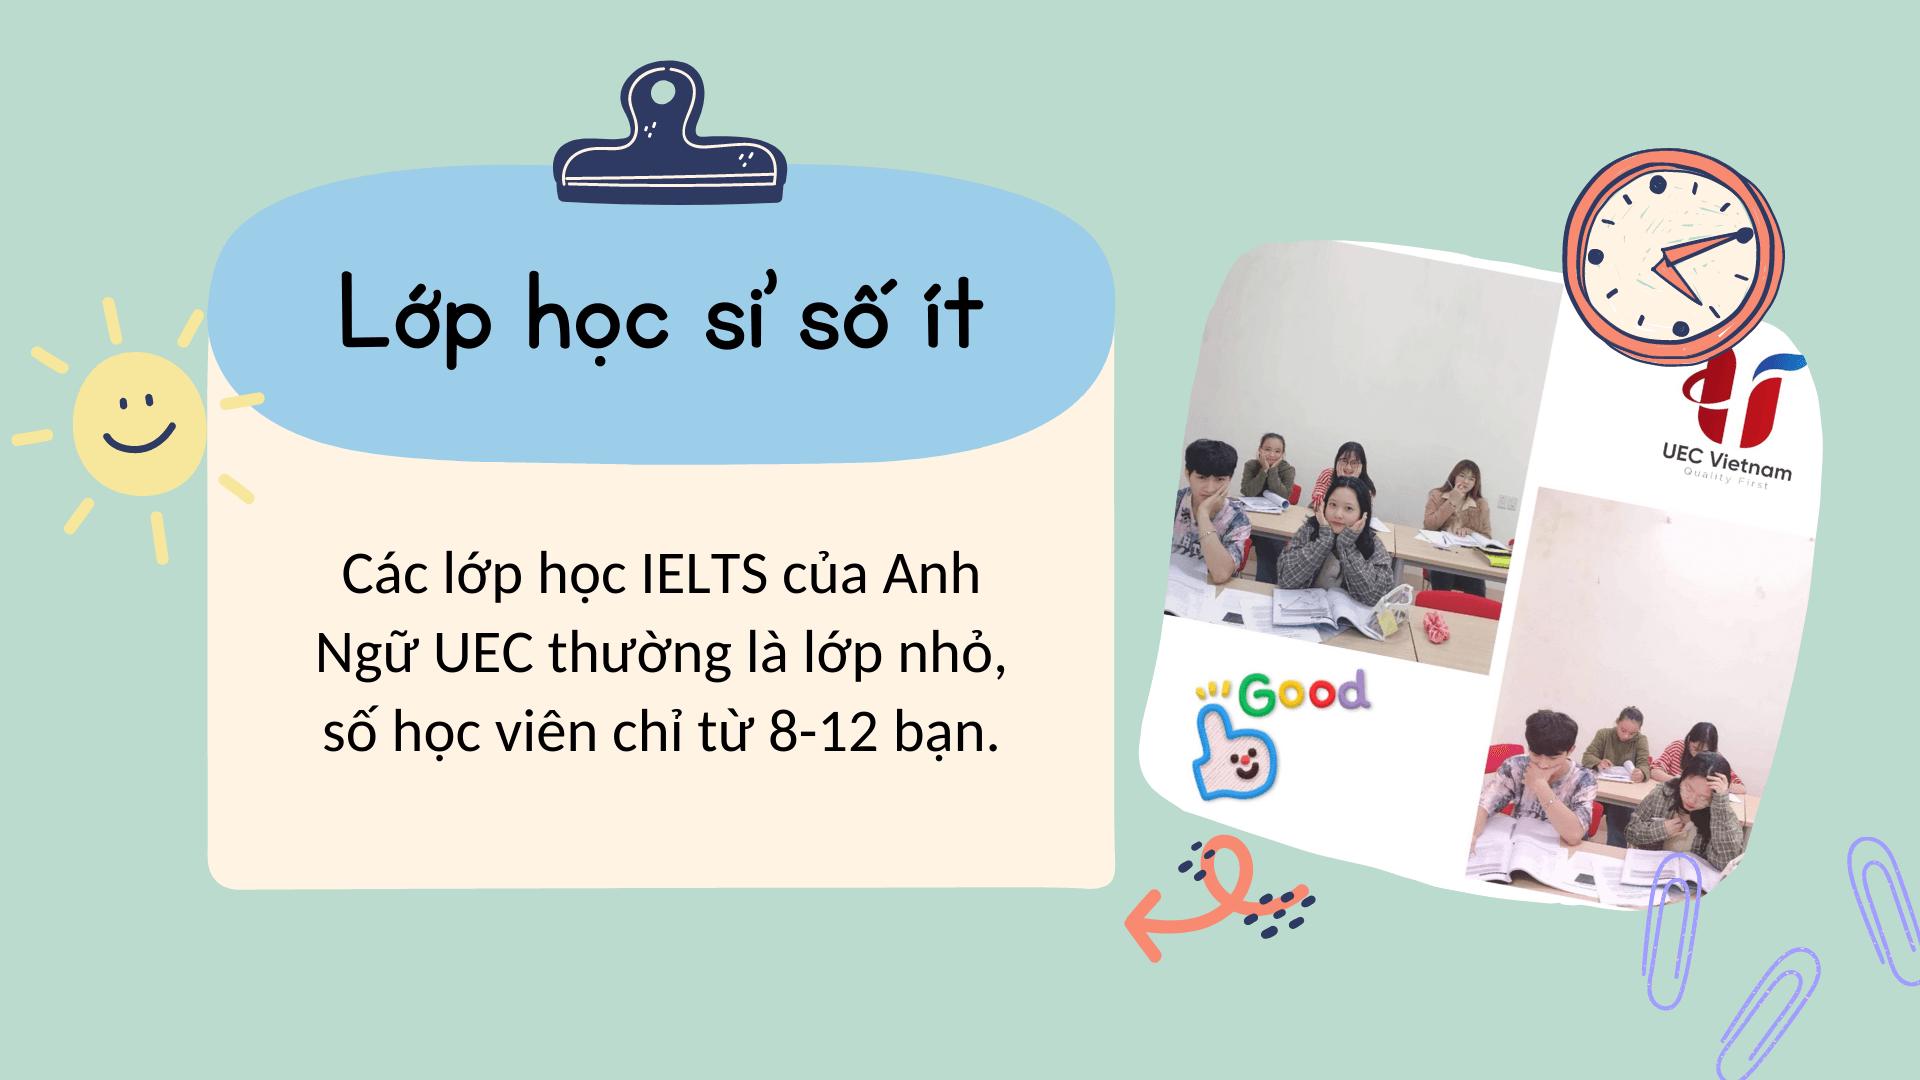 uec-trung-tam-hoc-luyen-thi-ielts-tai-da-nang-2